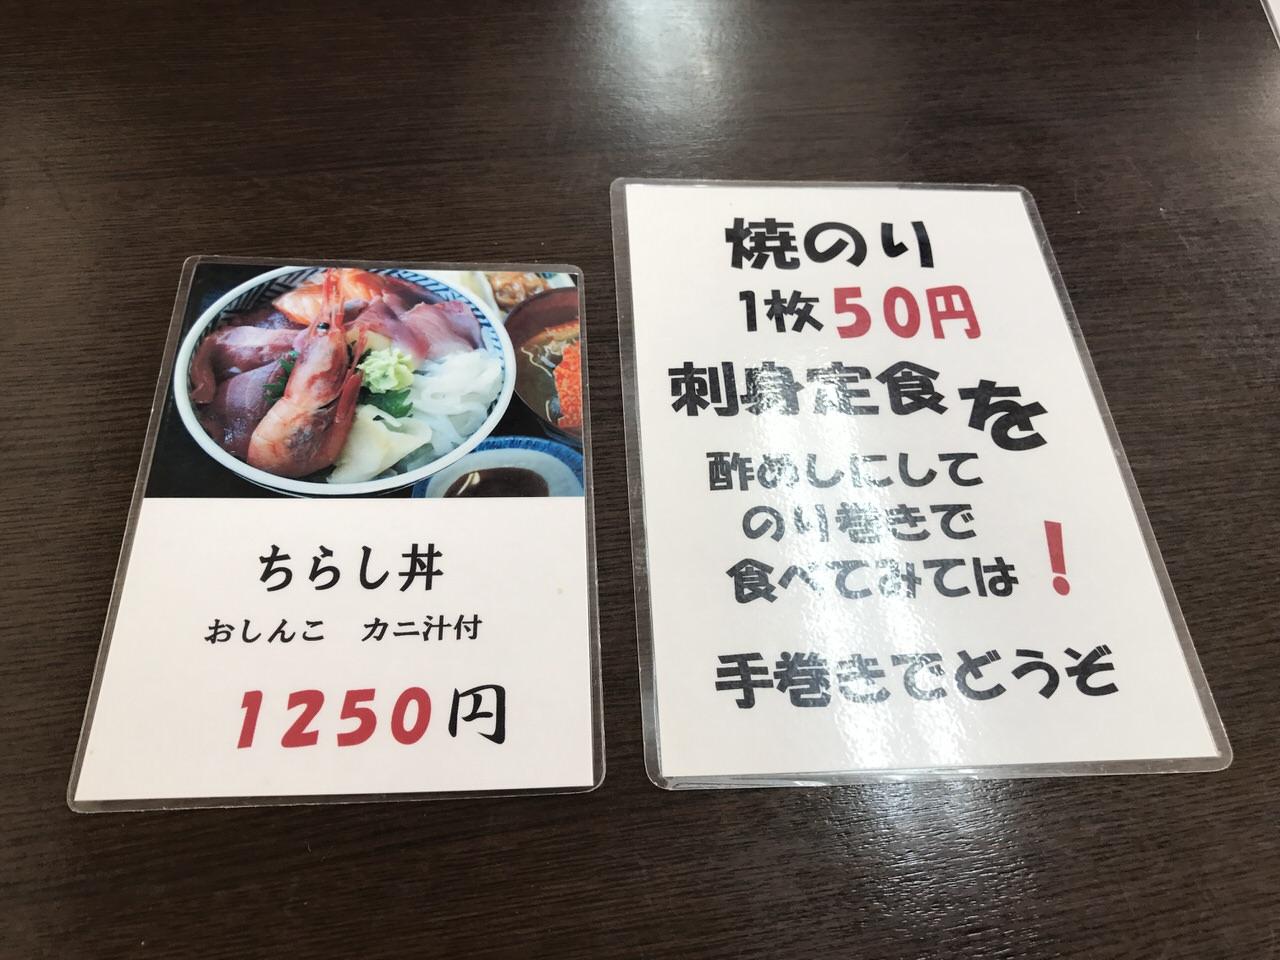 Iwaki urokoichi 2187